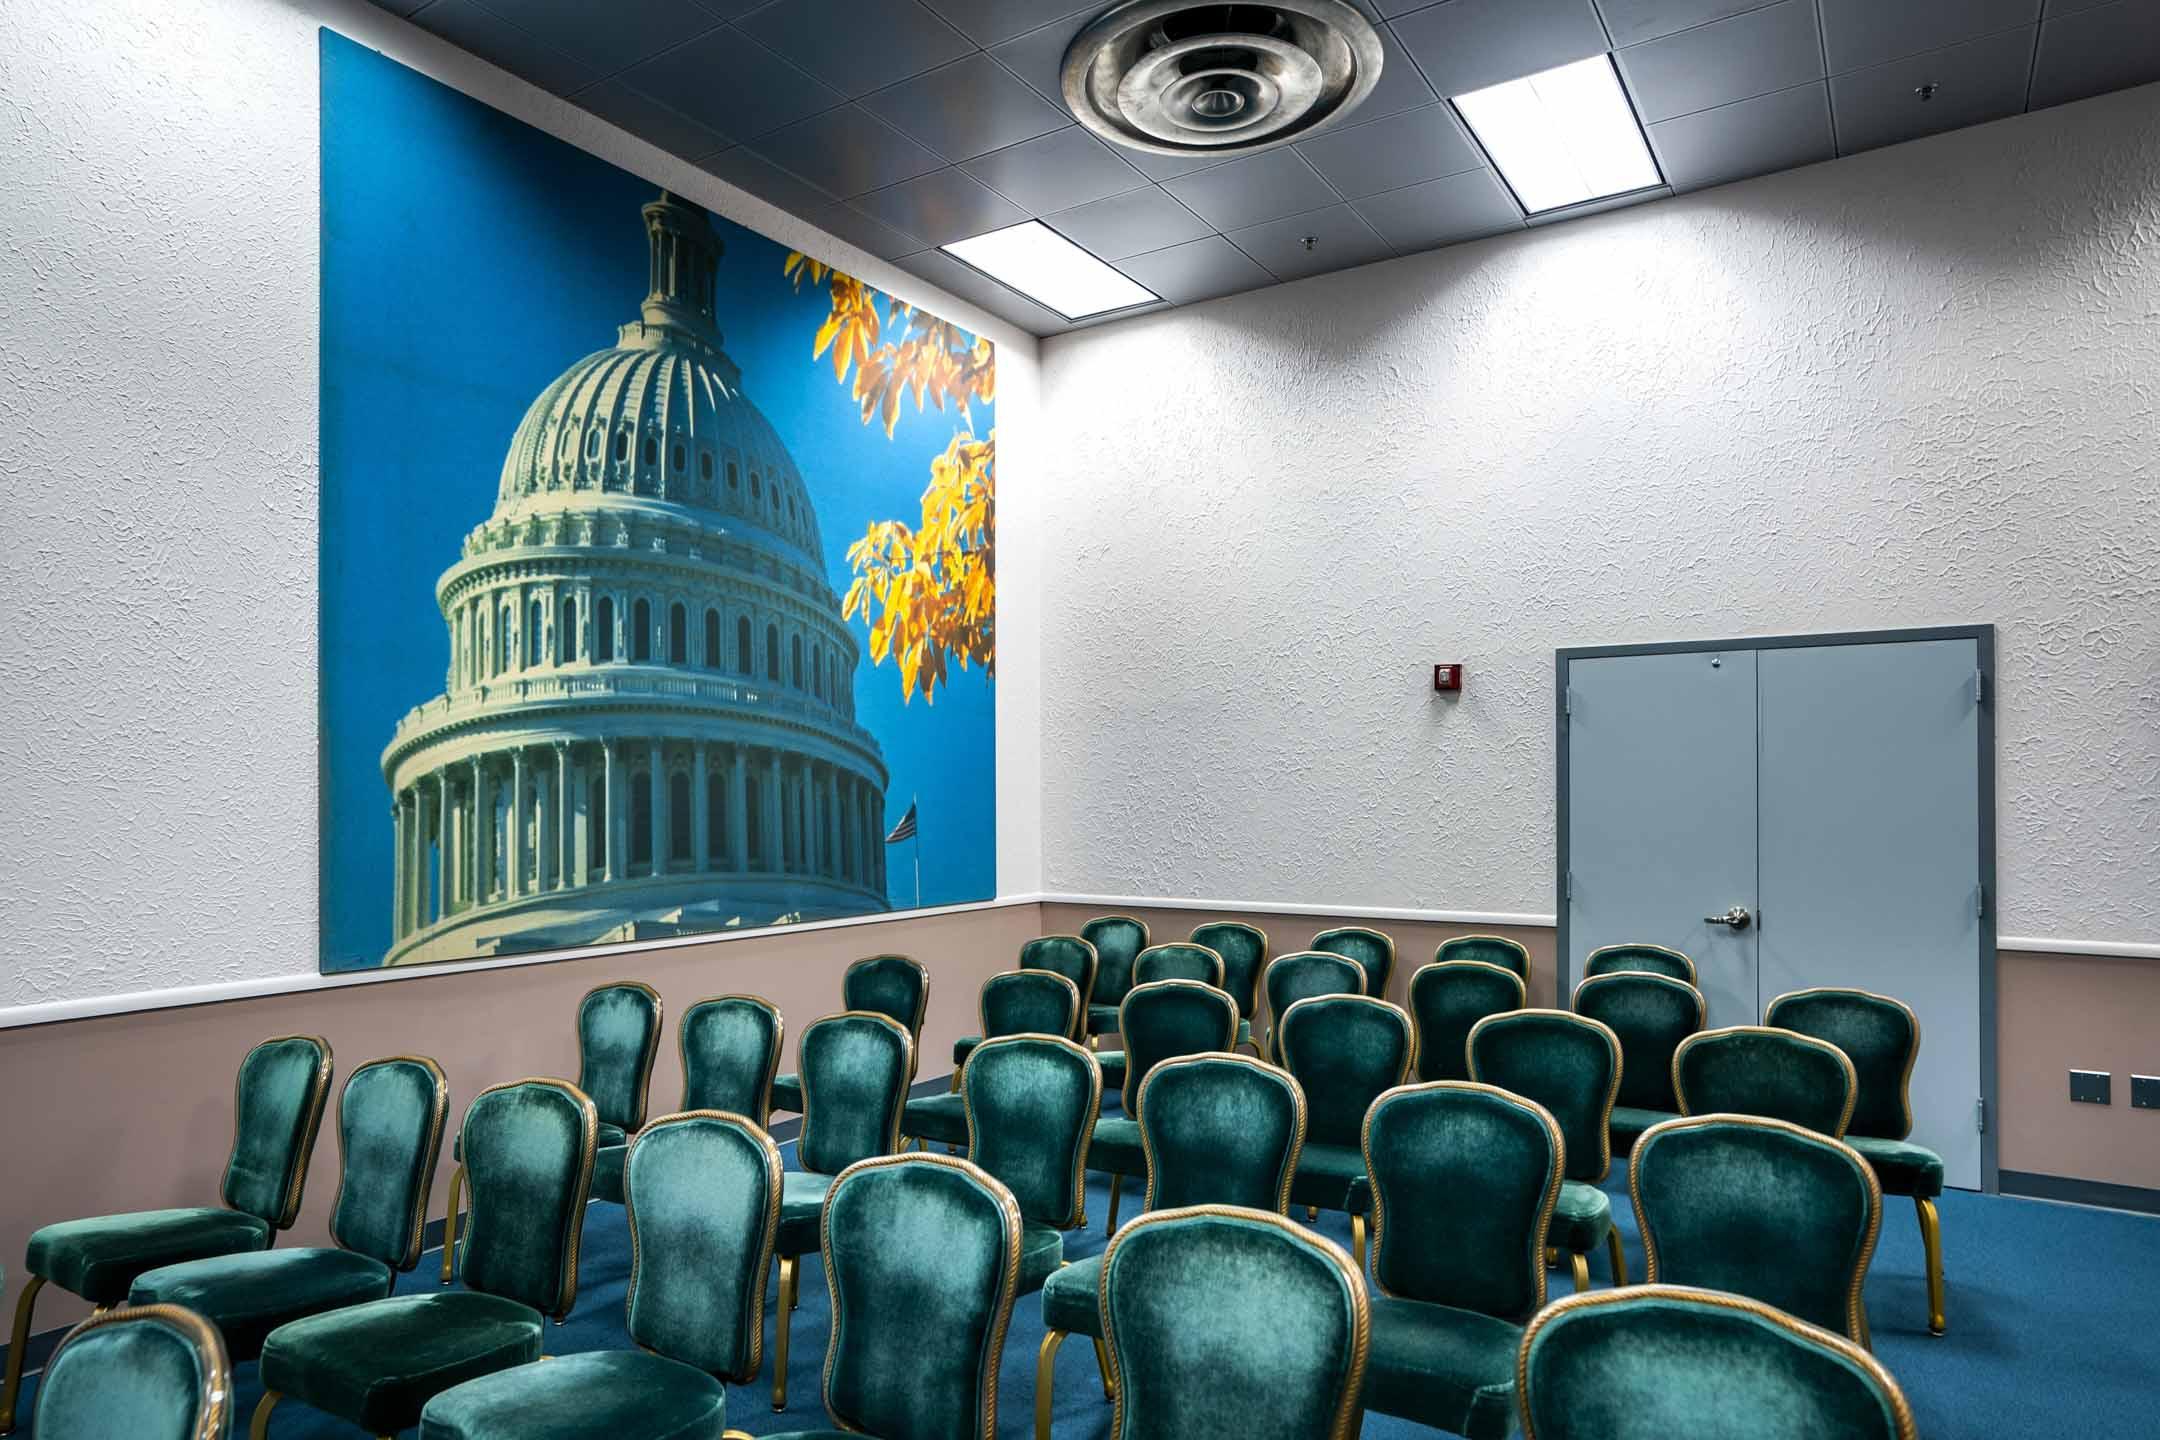 2018年6月1日,美國弗吉尼亞州,綠薔薇(Greenbrier)防空洞的白宮記者室,用於災難時間的新聞發佈之用。綠薔薇是當地赫赫有名的四星級豪華度假中心,這裡的地底曾是冷戰時期美國為防止前蘇聯襲擊而準備的地下國會。這深入地底的防空洞總面積達三千多平方米,於1961年竣工,內部設施齊全,可供過百人使用。如果核戰爆發,全部參眾兩院的議員及助理會被立即遷移到這裡,在堡壘內生活及維持政府正常運作。    攝:Jim Lo Scalzo /EPA